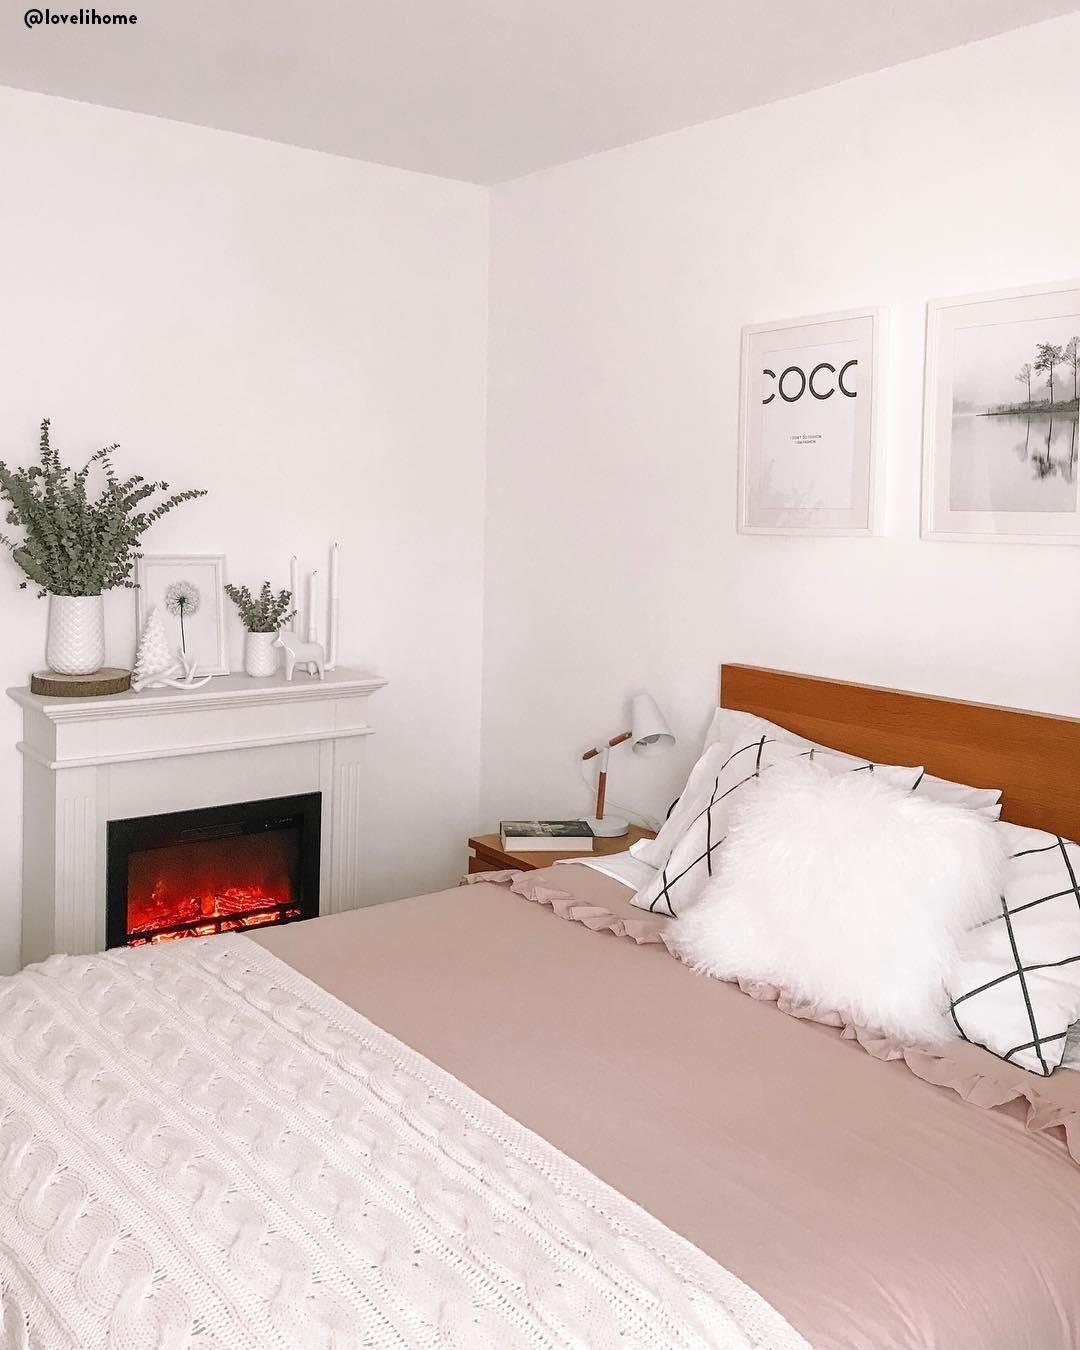 Sweet Dreams! In diesem wunderschönen Schlafzimmer sind